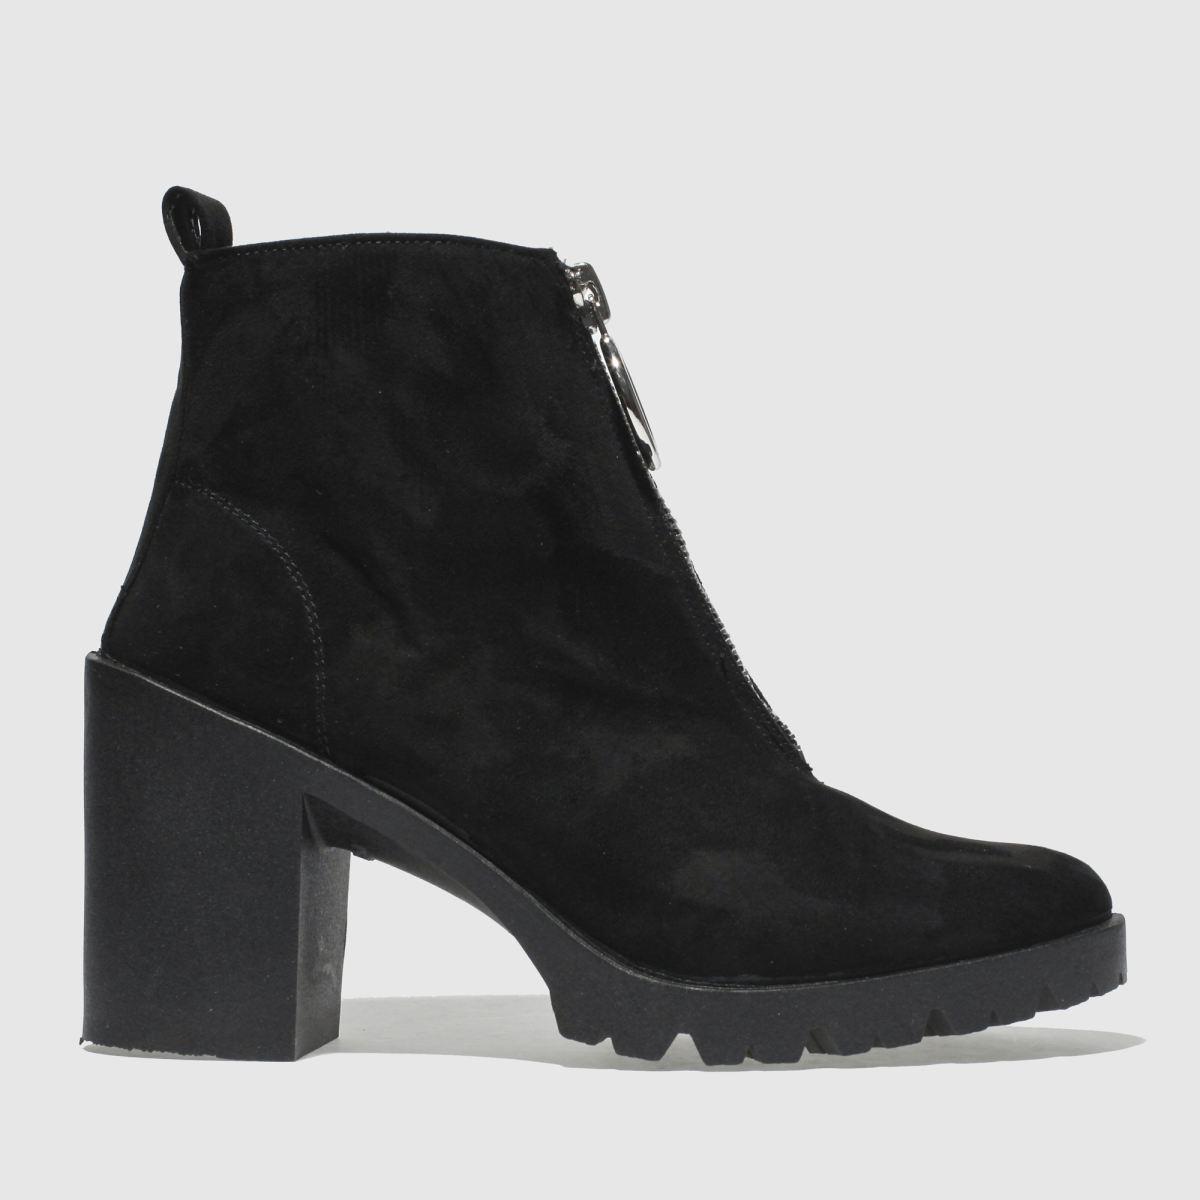 Schuh Black Dilemma Boots